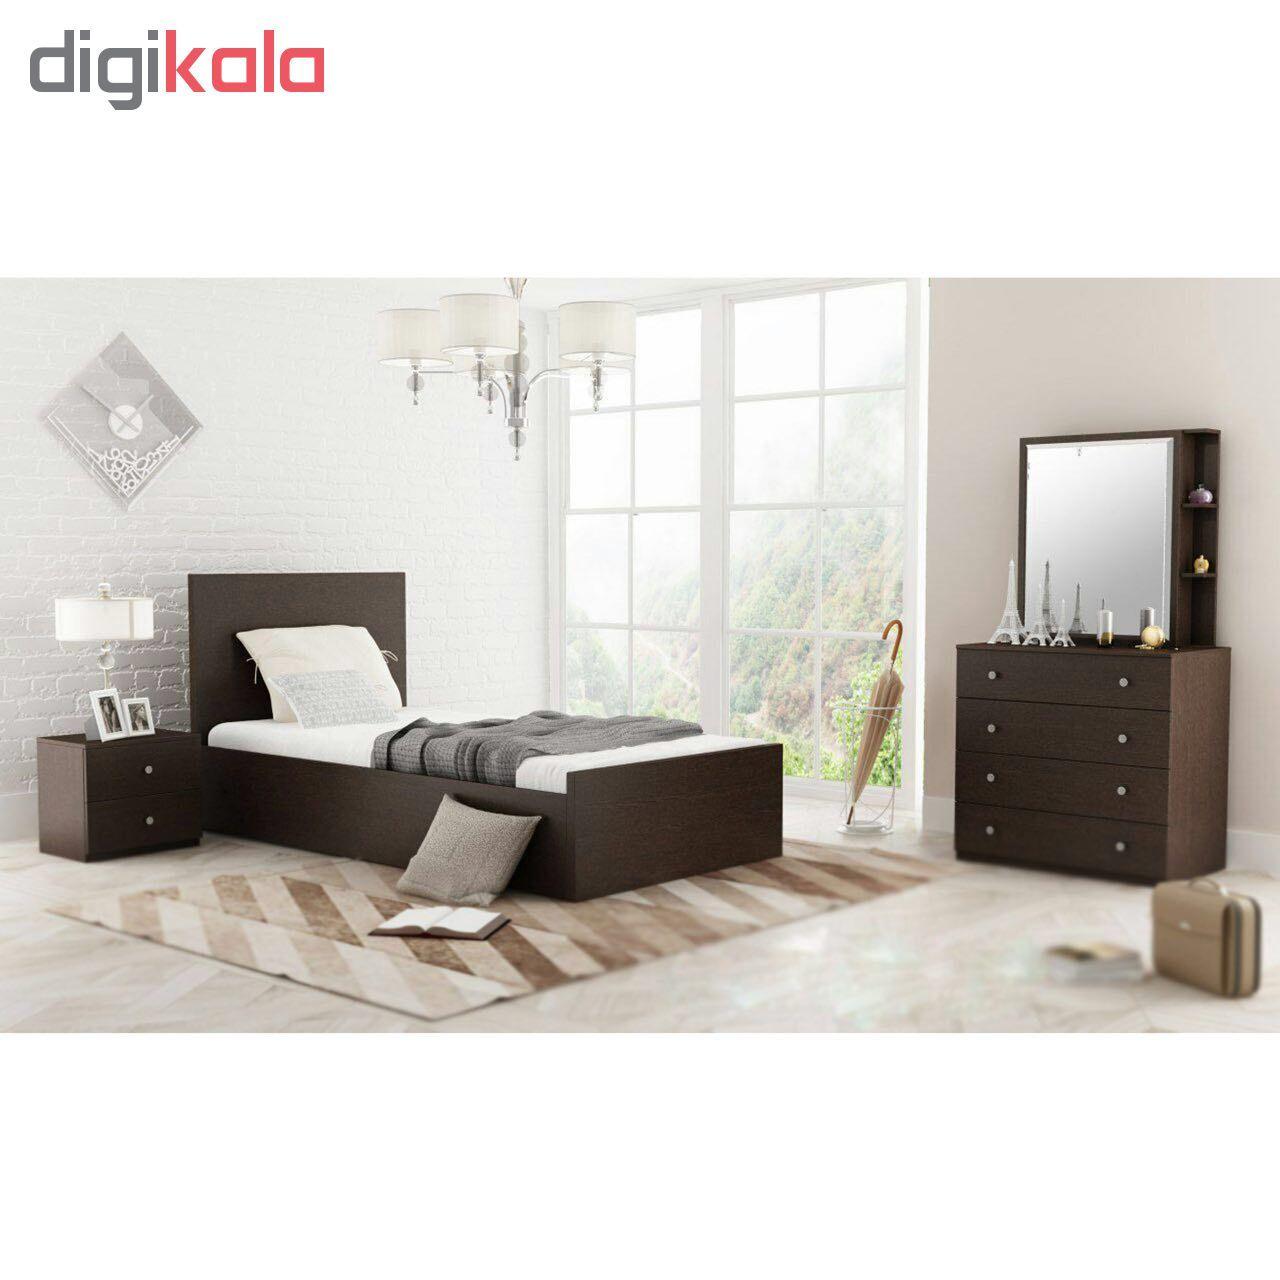 تخت خواب یک نفره مدل AK_B_AlbrzV سایز 90x200 سانتی متر main 1 3